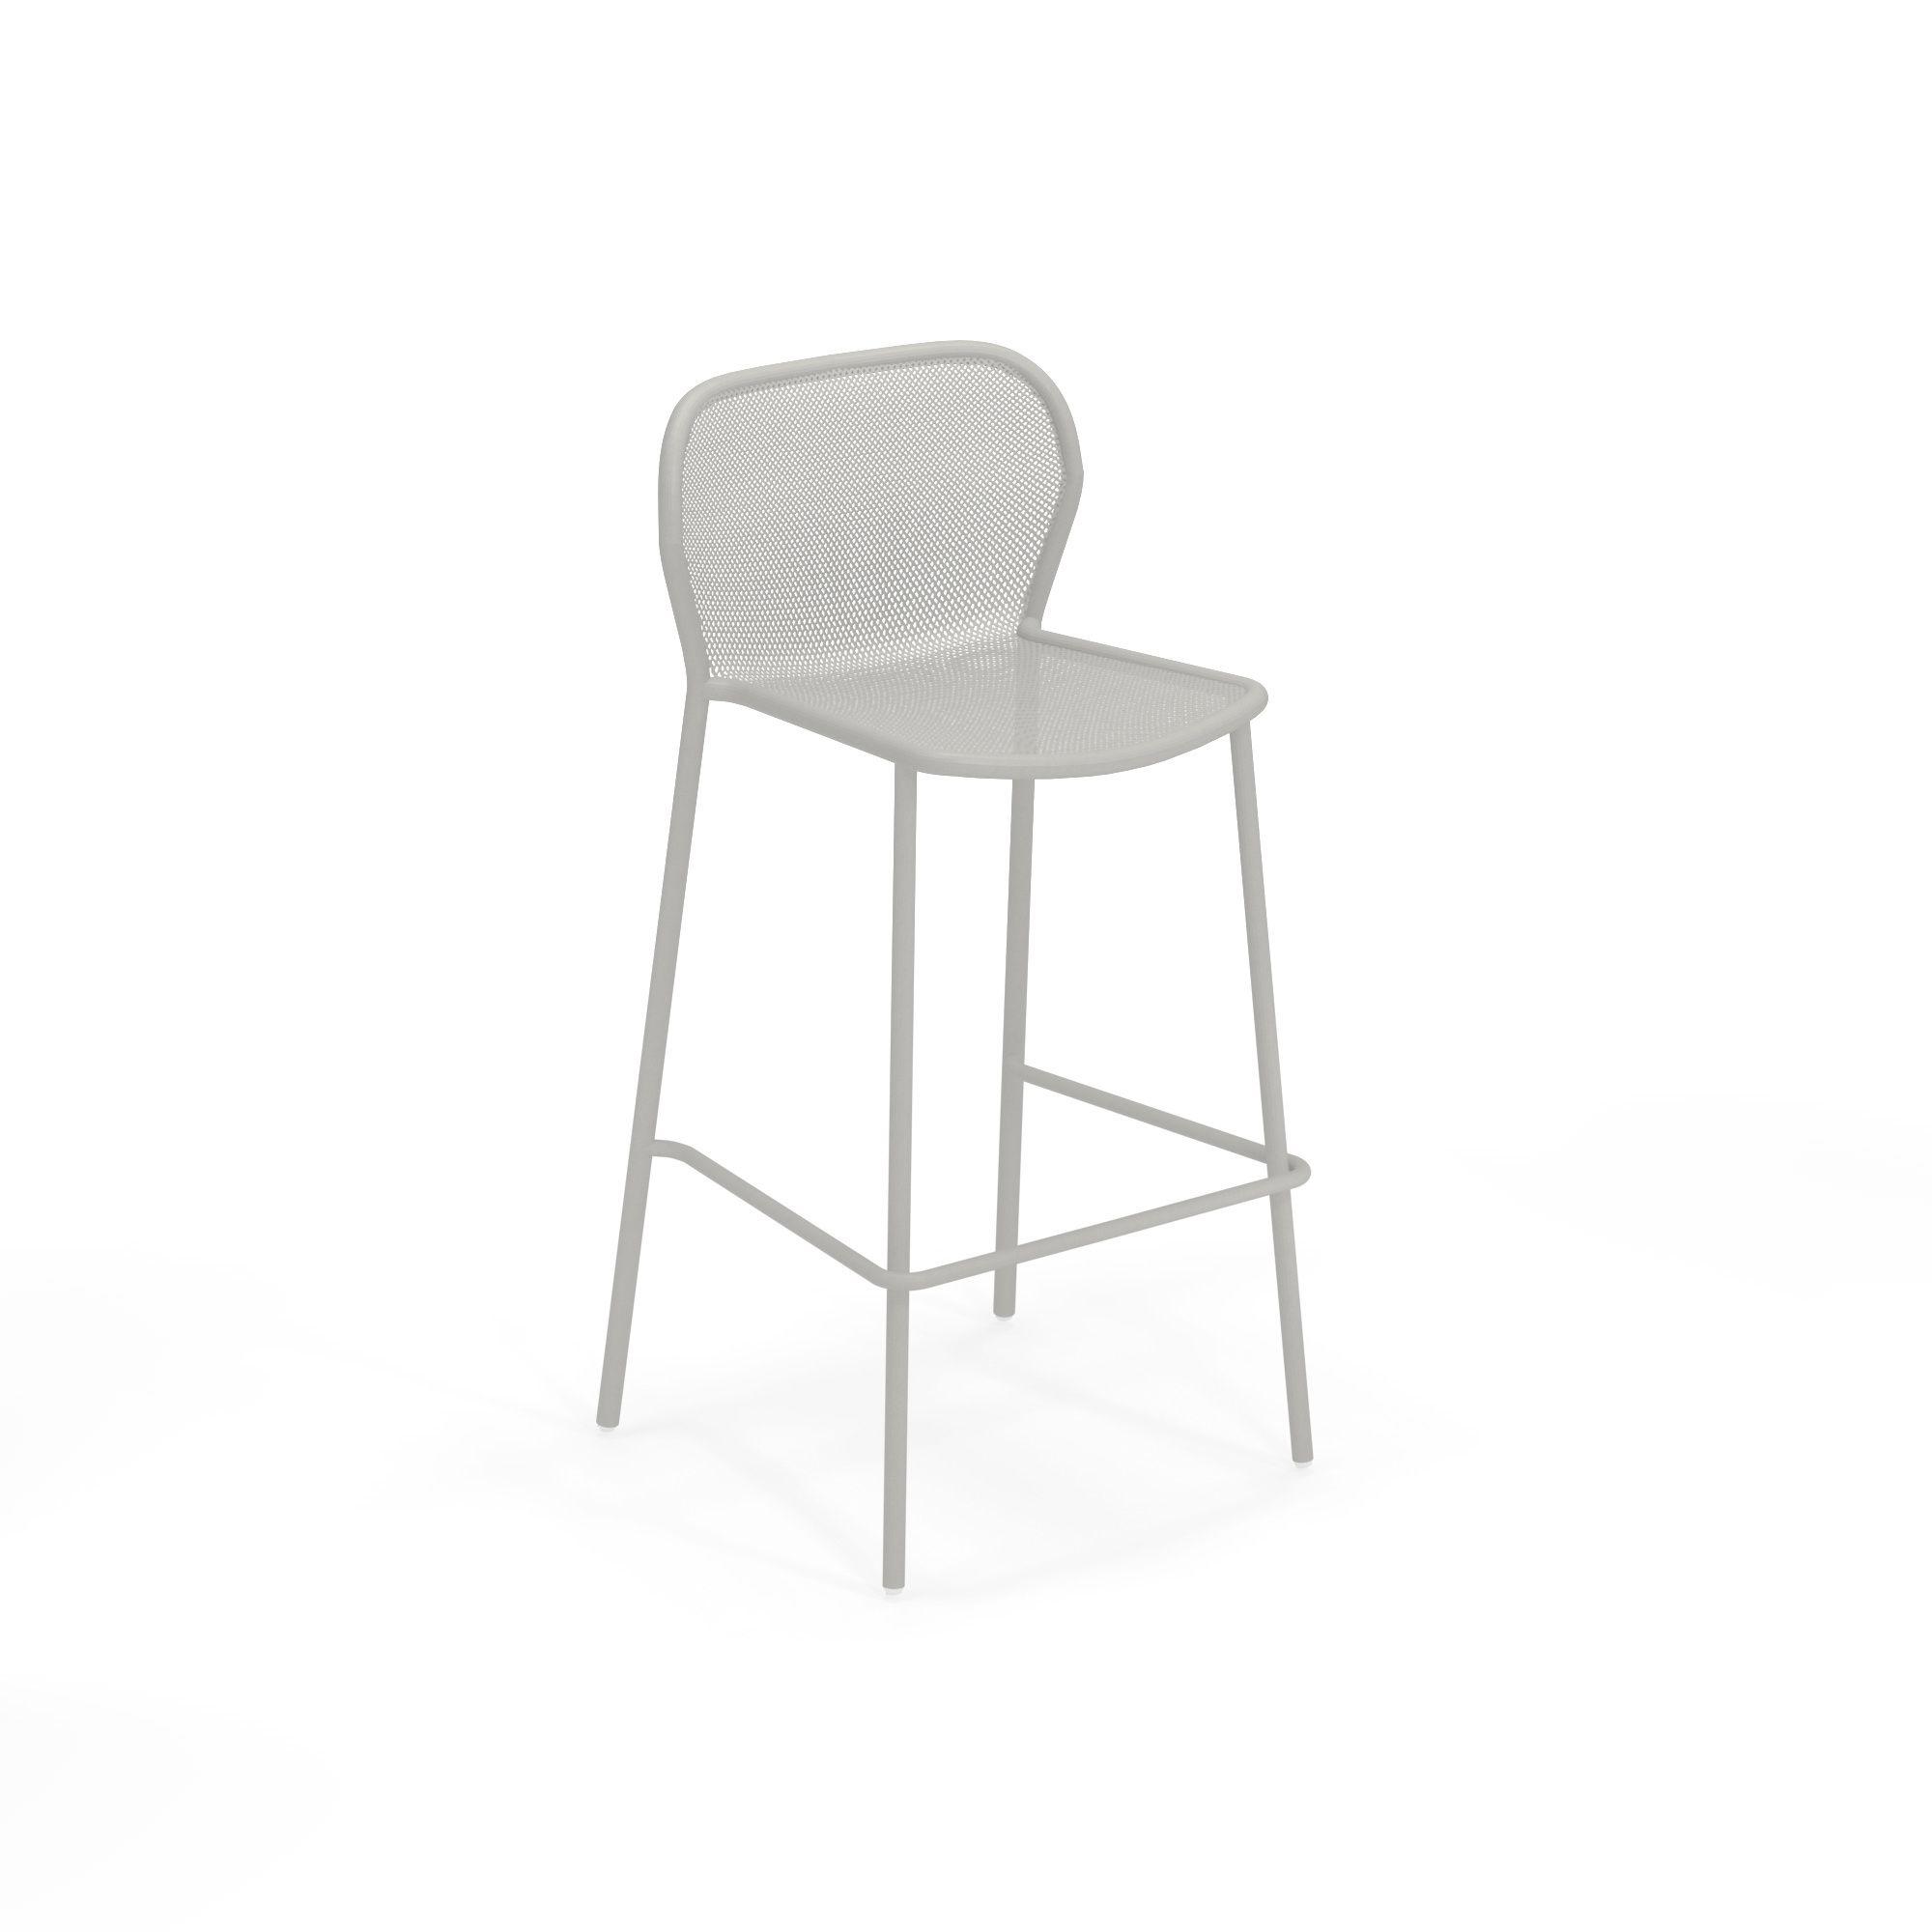 emuamericas, llc 523-73 bar stool, stacking, outdoor